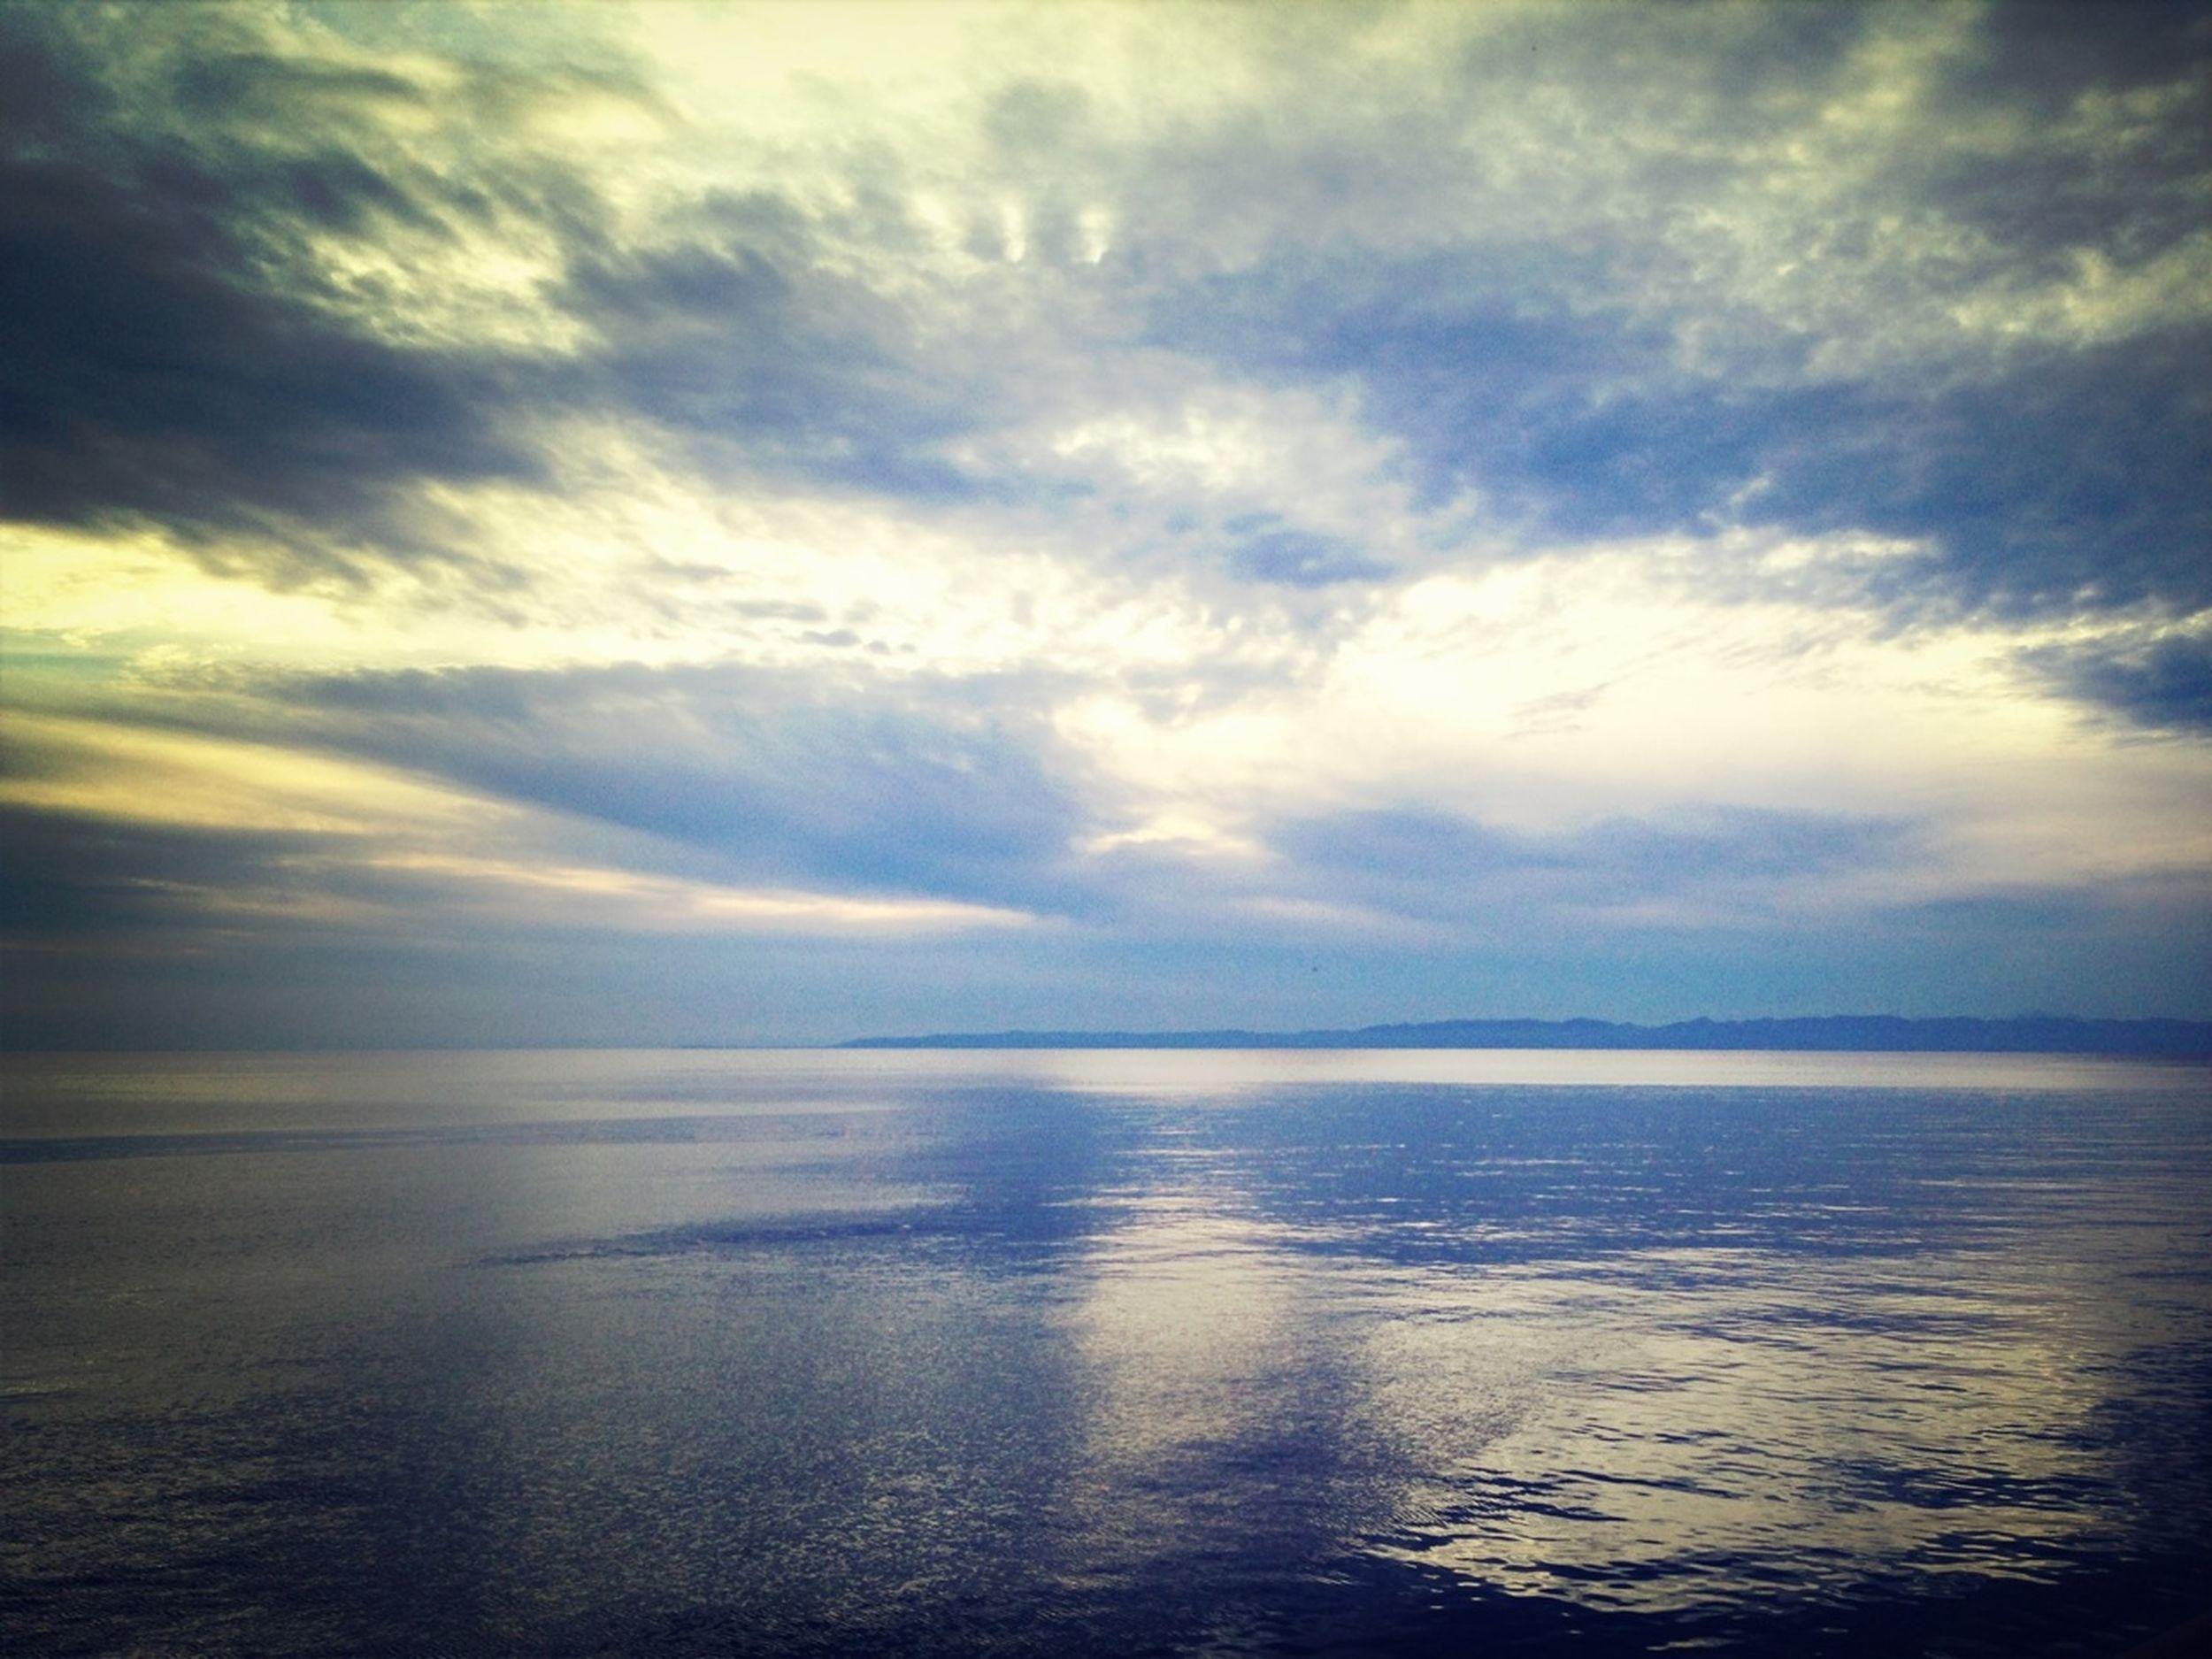 Sea Sky And Sea